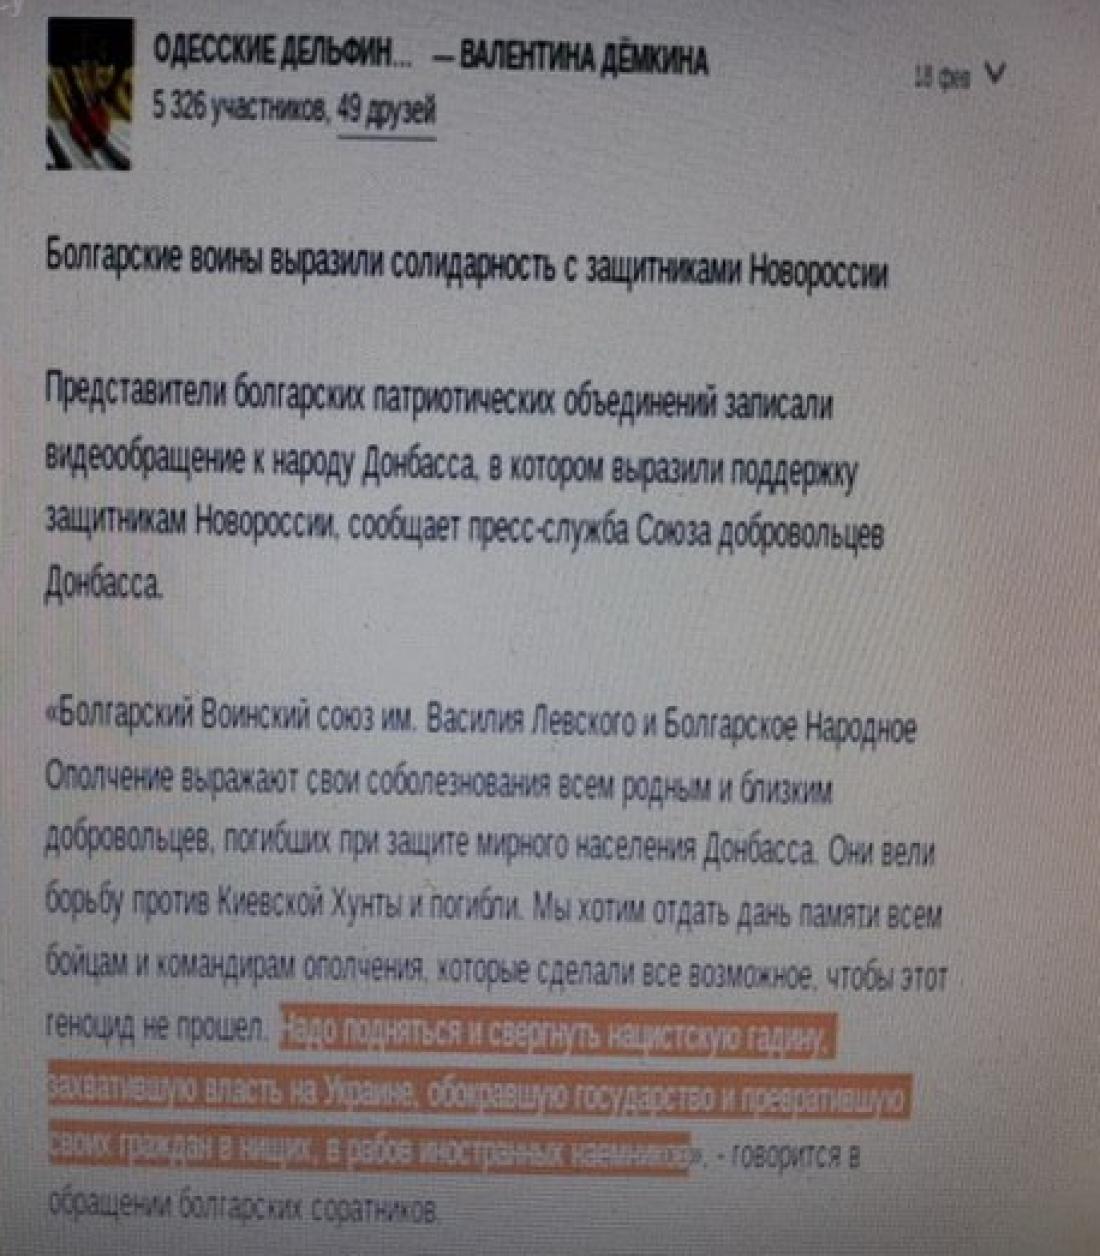 Женщина занималась популяризацией так называемых ДНР и ЛНР